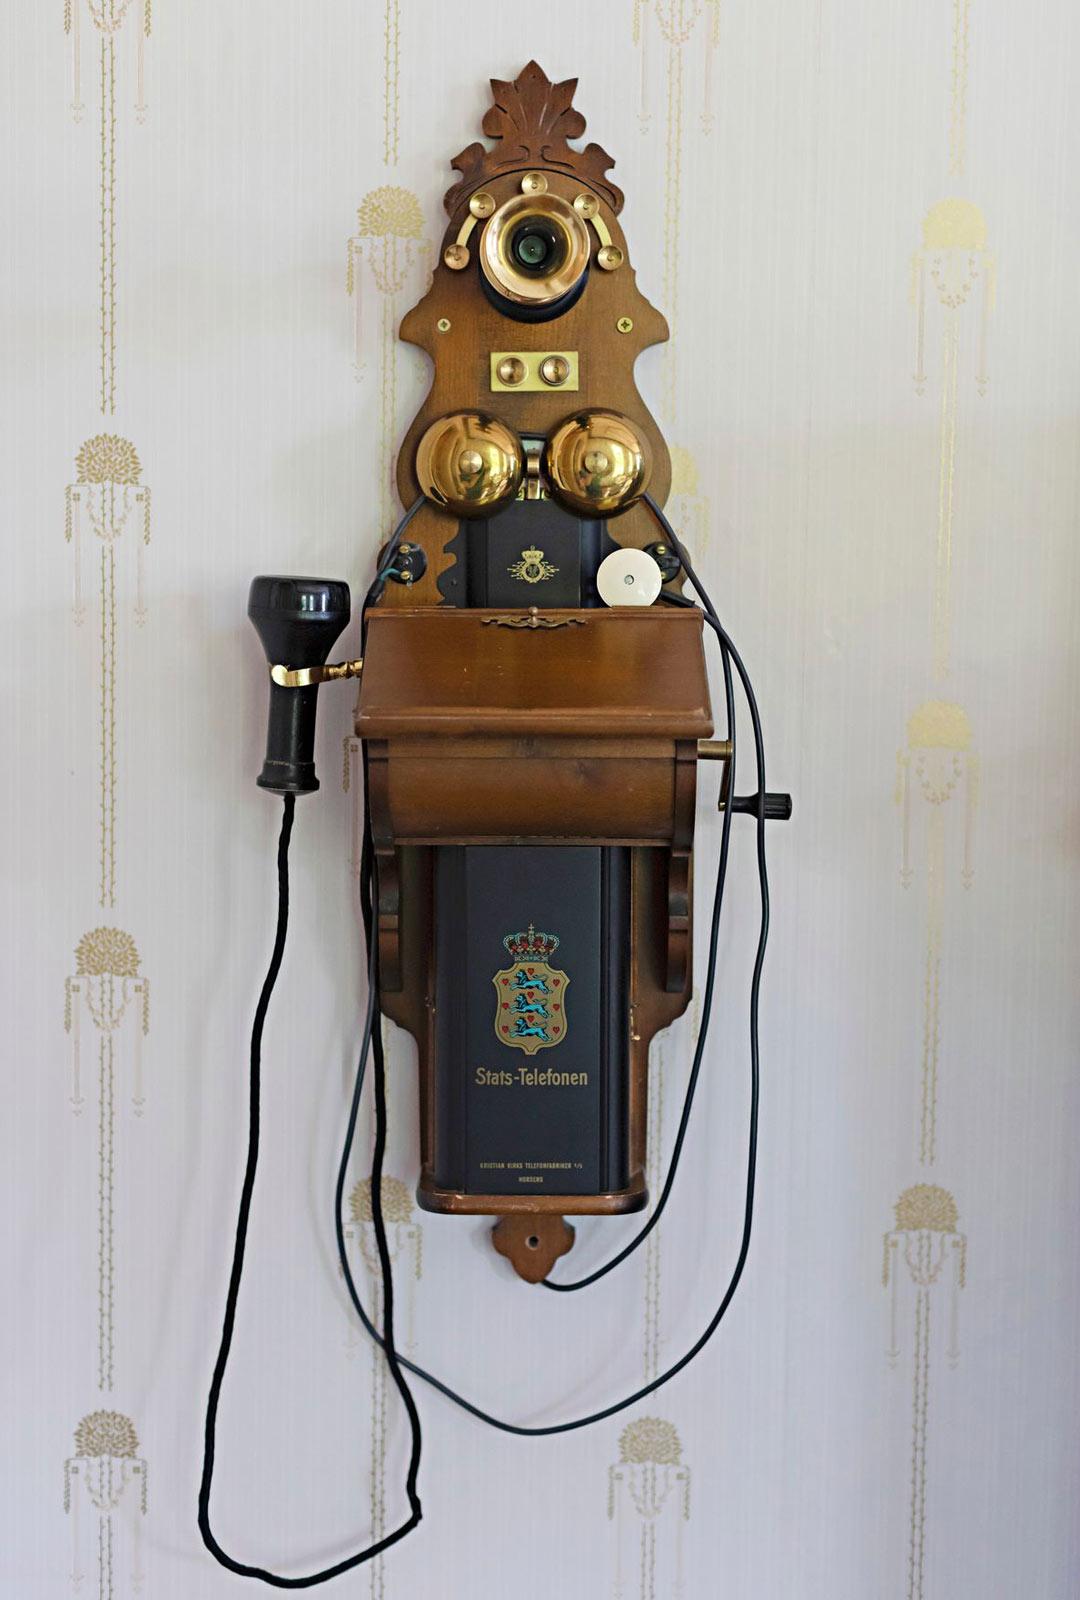 Seinäpuhelin on vanhan puhelimen jäljennös.